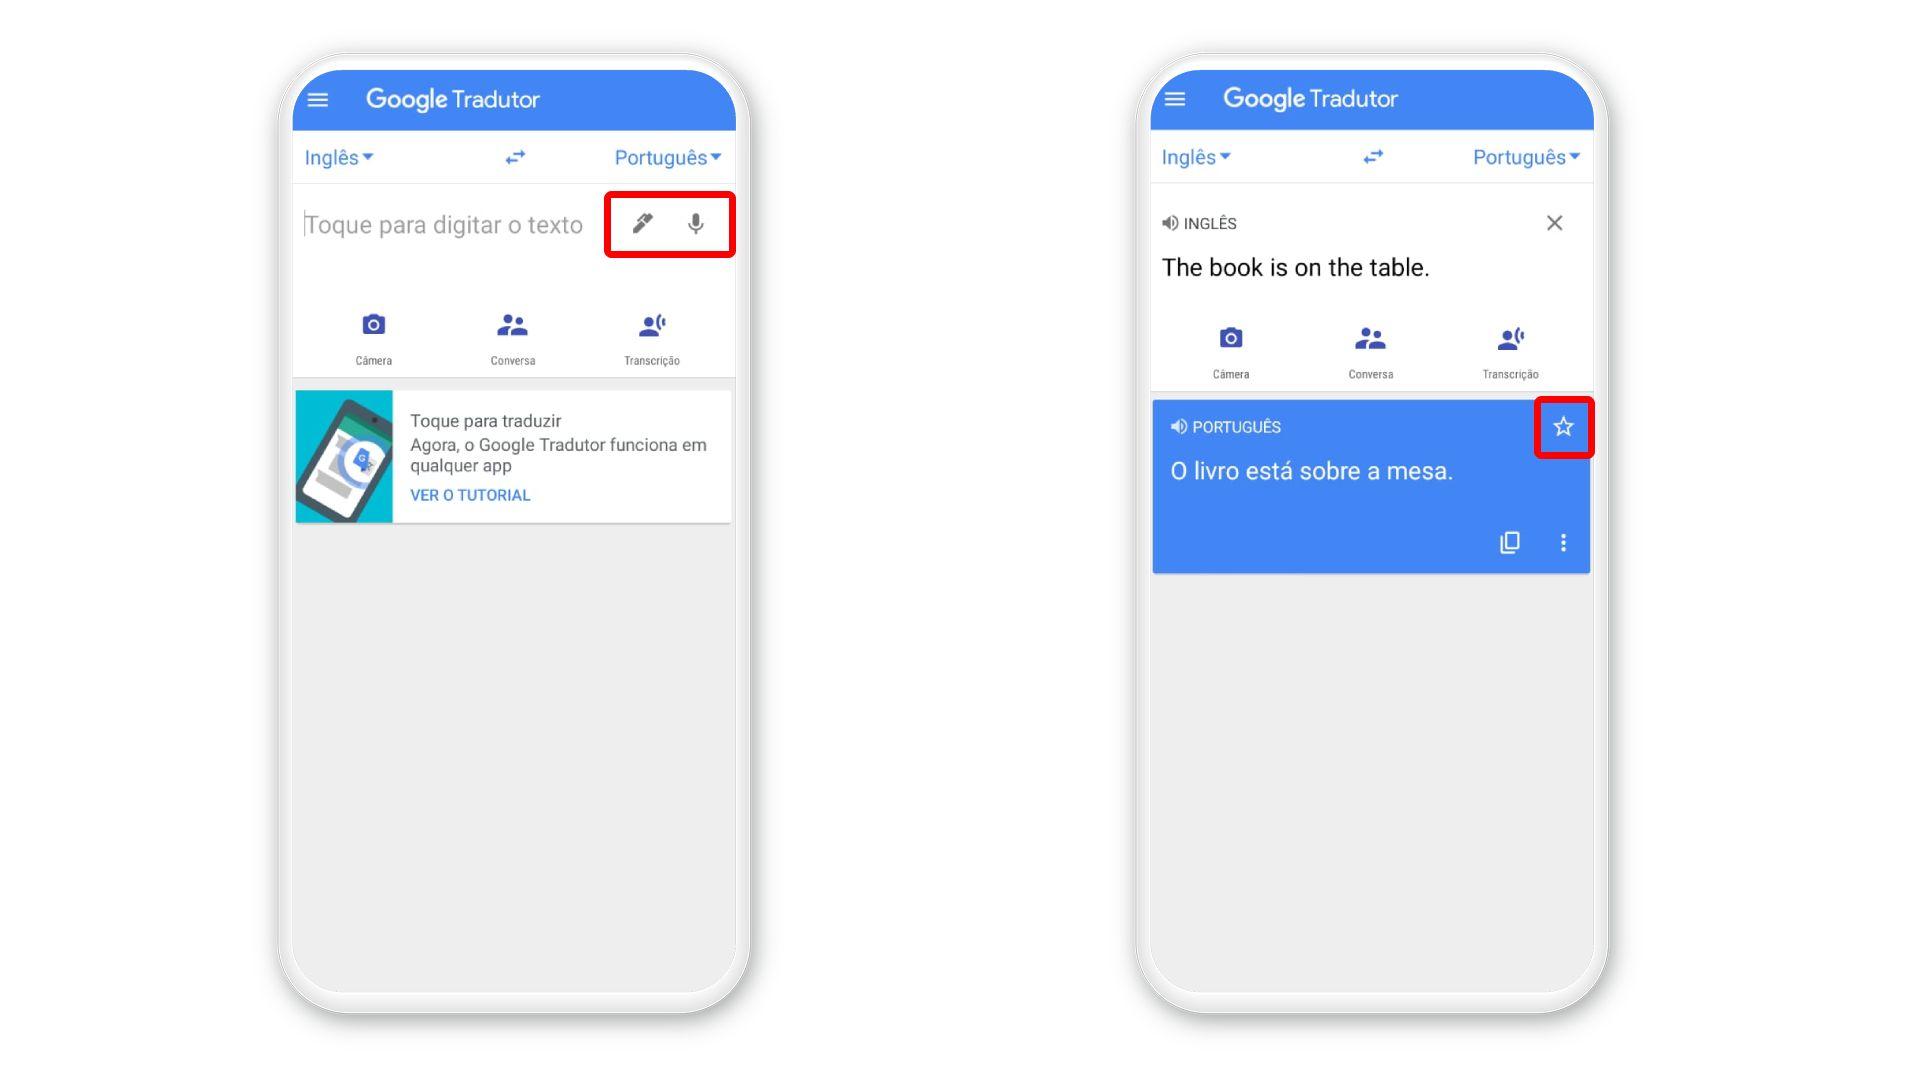 Basta definir idiomas e digitar frase no app do Google Tradutor para receber a tradução (Foto: Arte/Zoom)